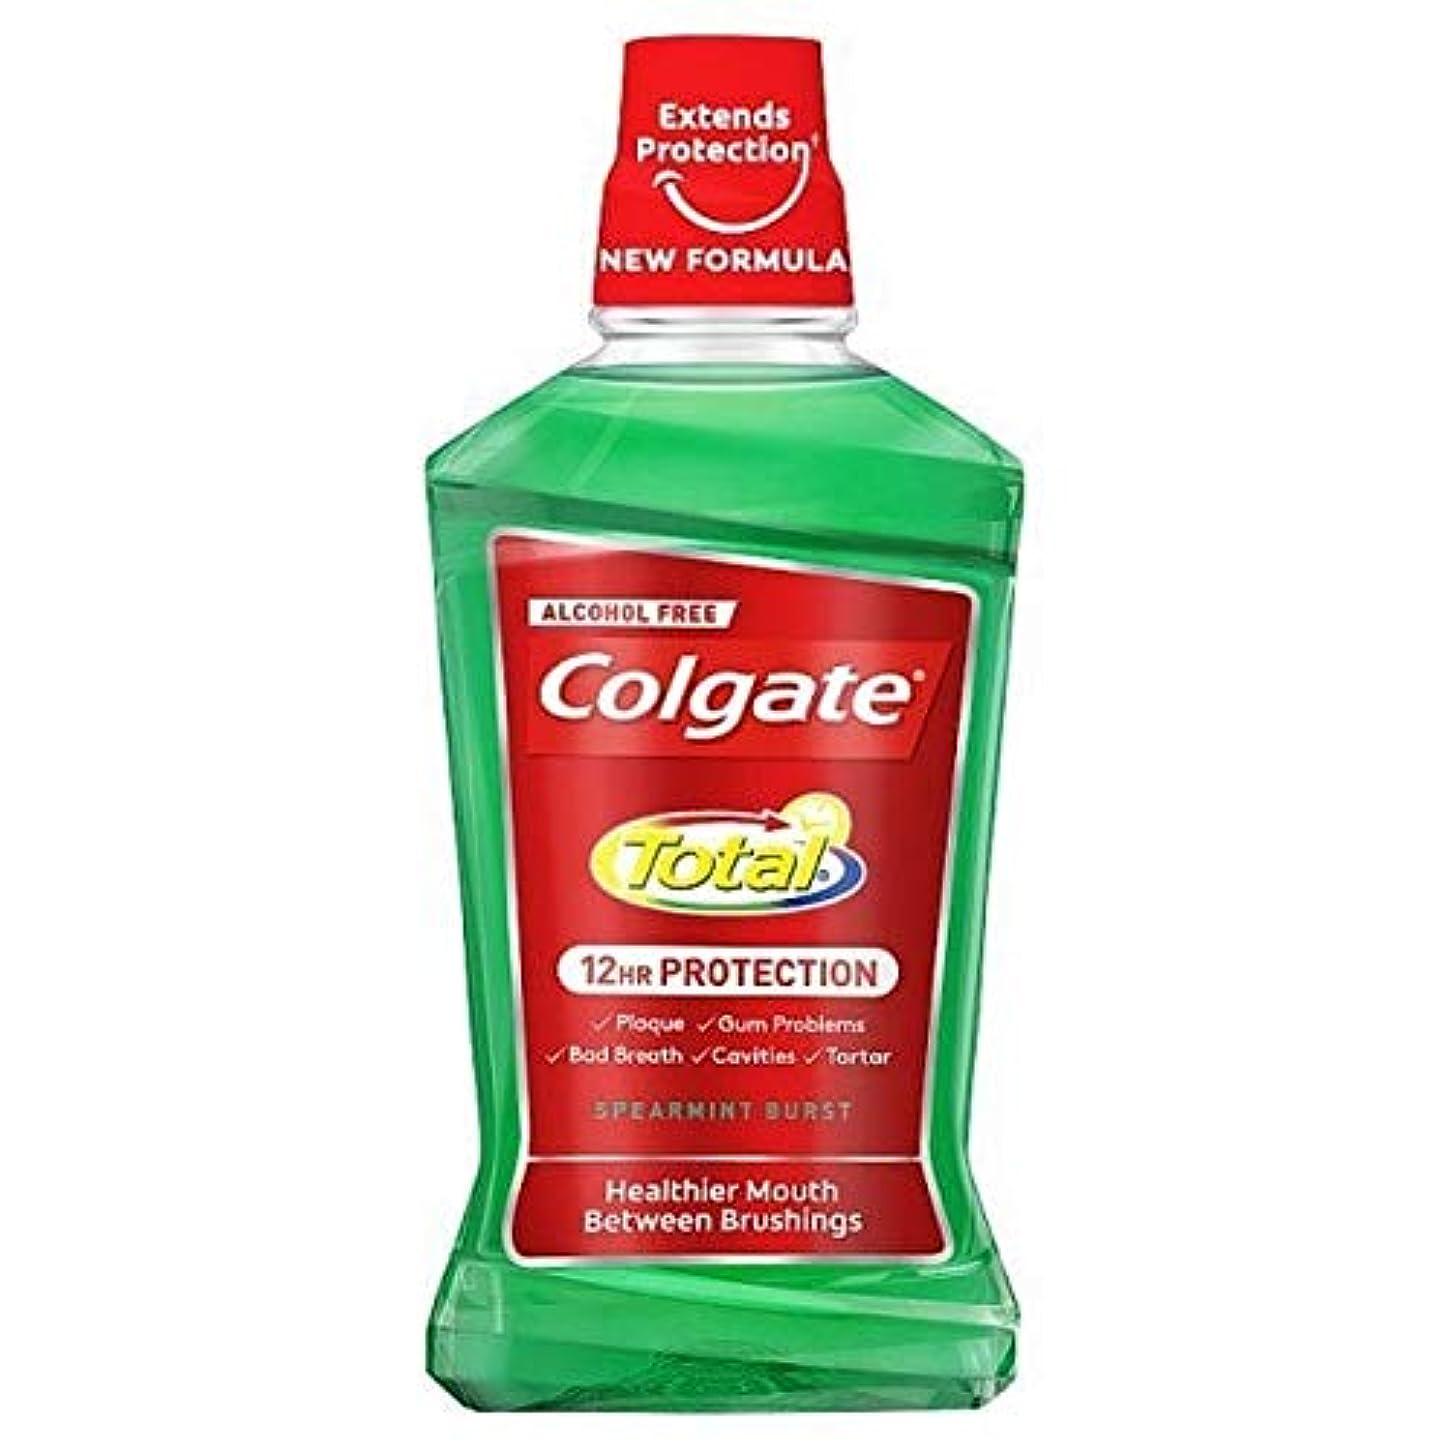 事前に魔女つま先[Colgate ] コルゲートトータルスペアミントバーストマウスウォッシュ500ミリリットル - Colgate Total Spearmint Burst Mouthwash 500ml [並行輸入品]